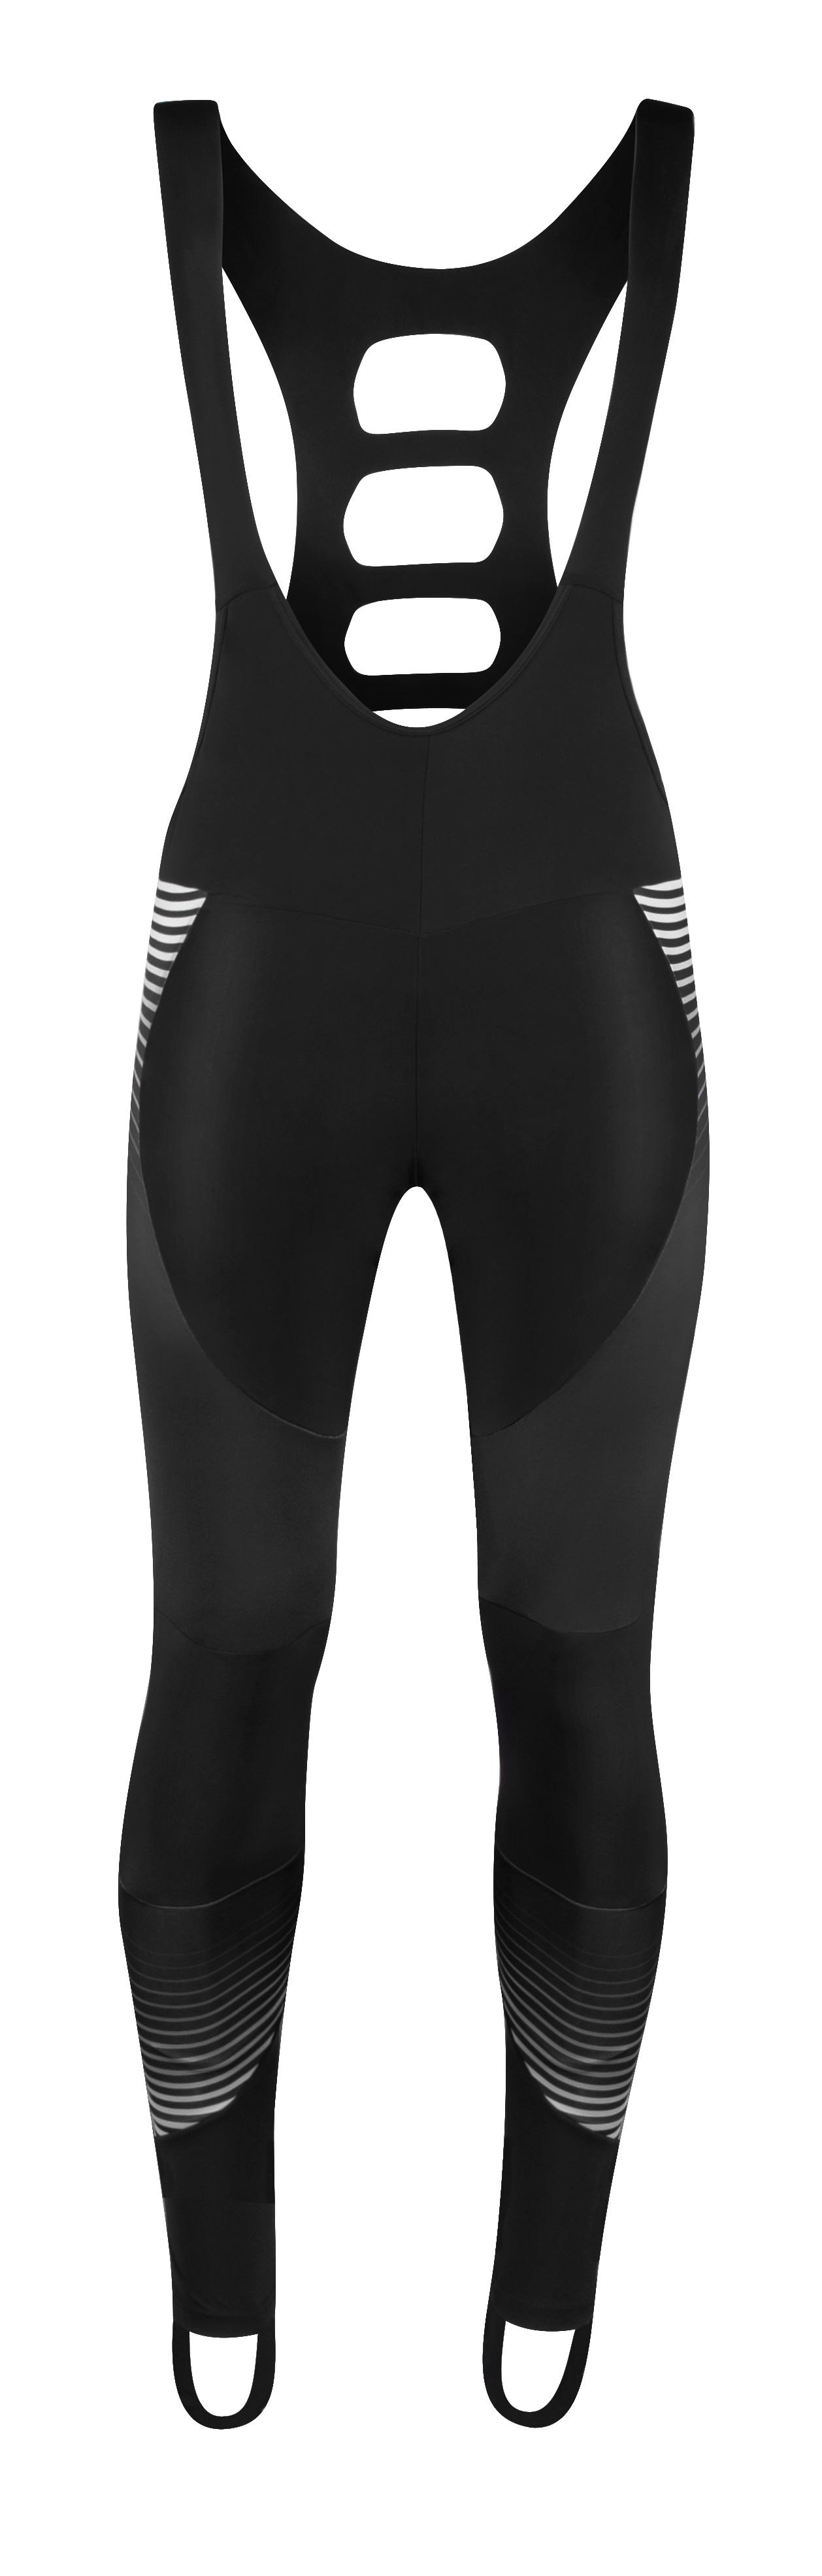 kalhoty FORCE DRIFT se šráky bez vložky, černé L